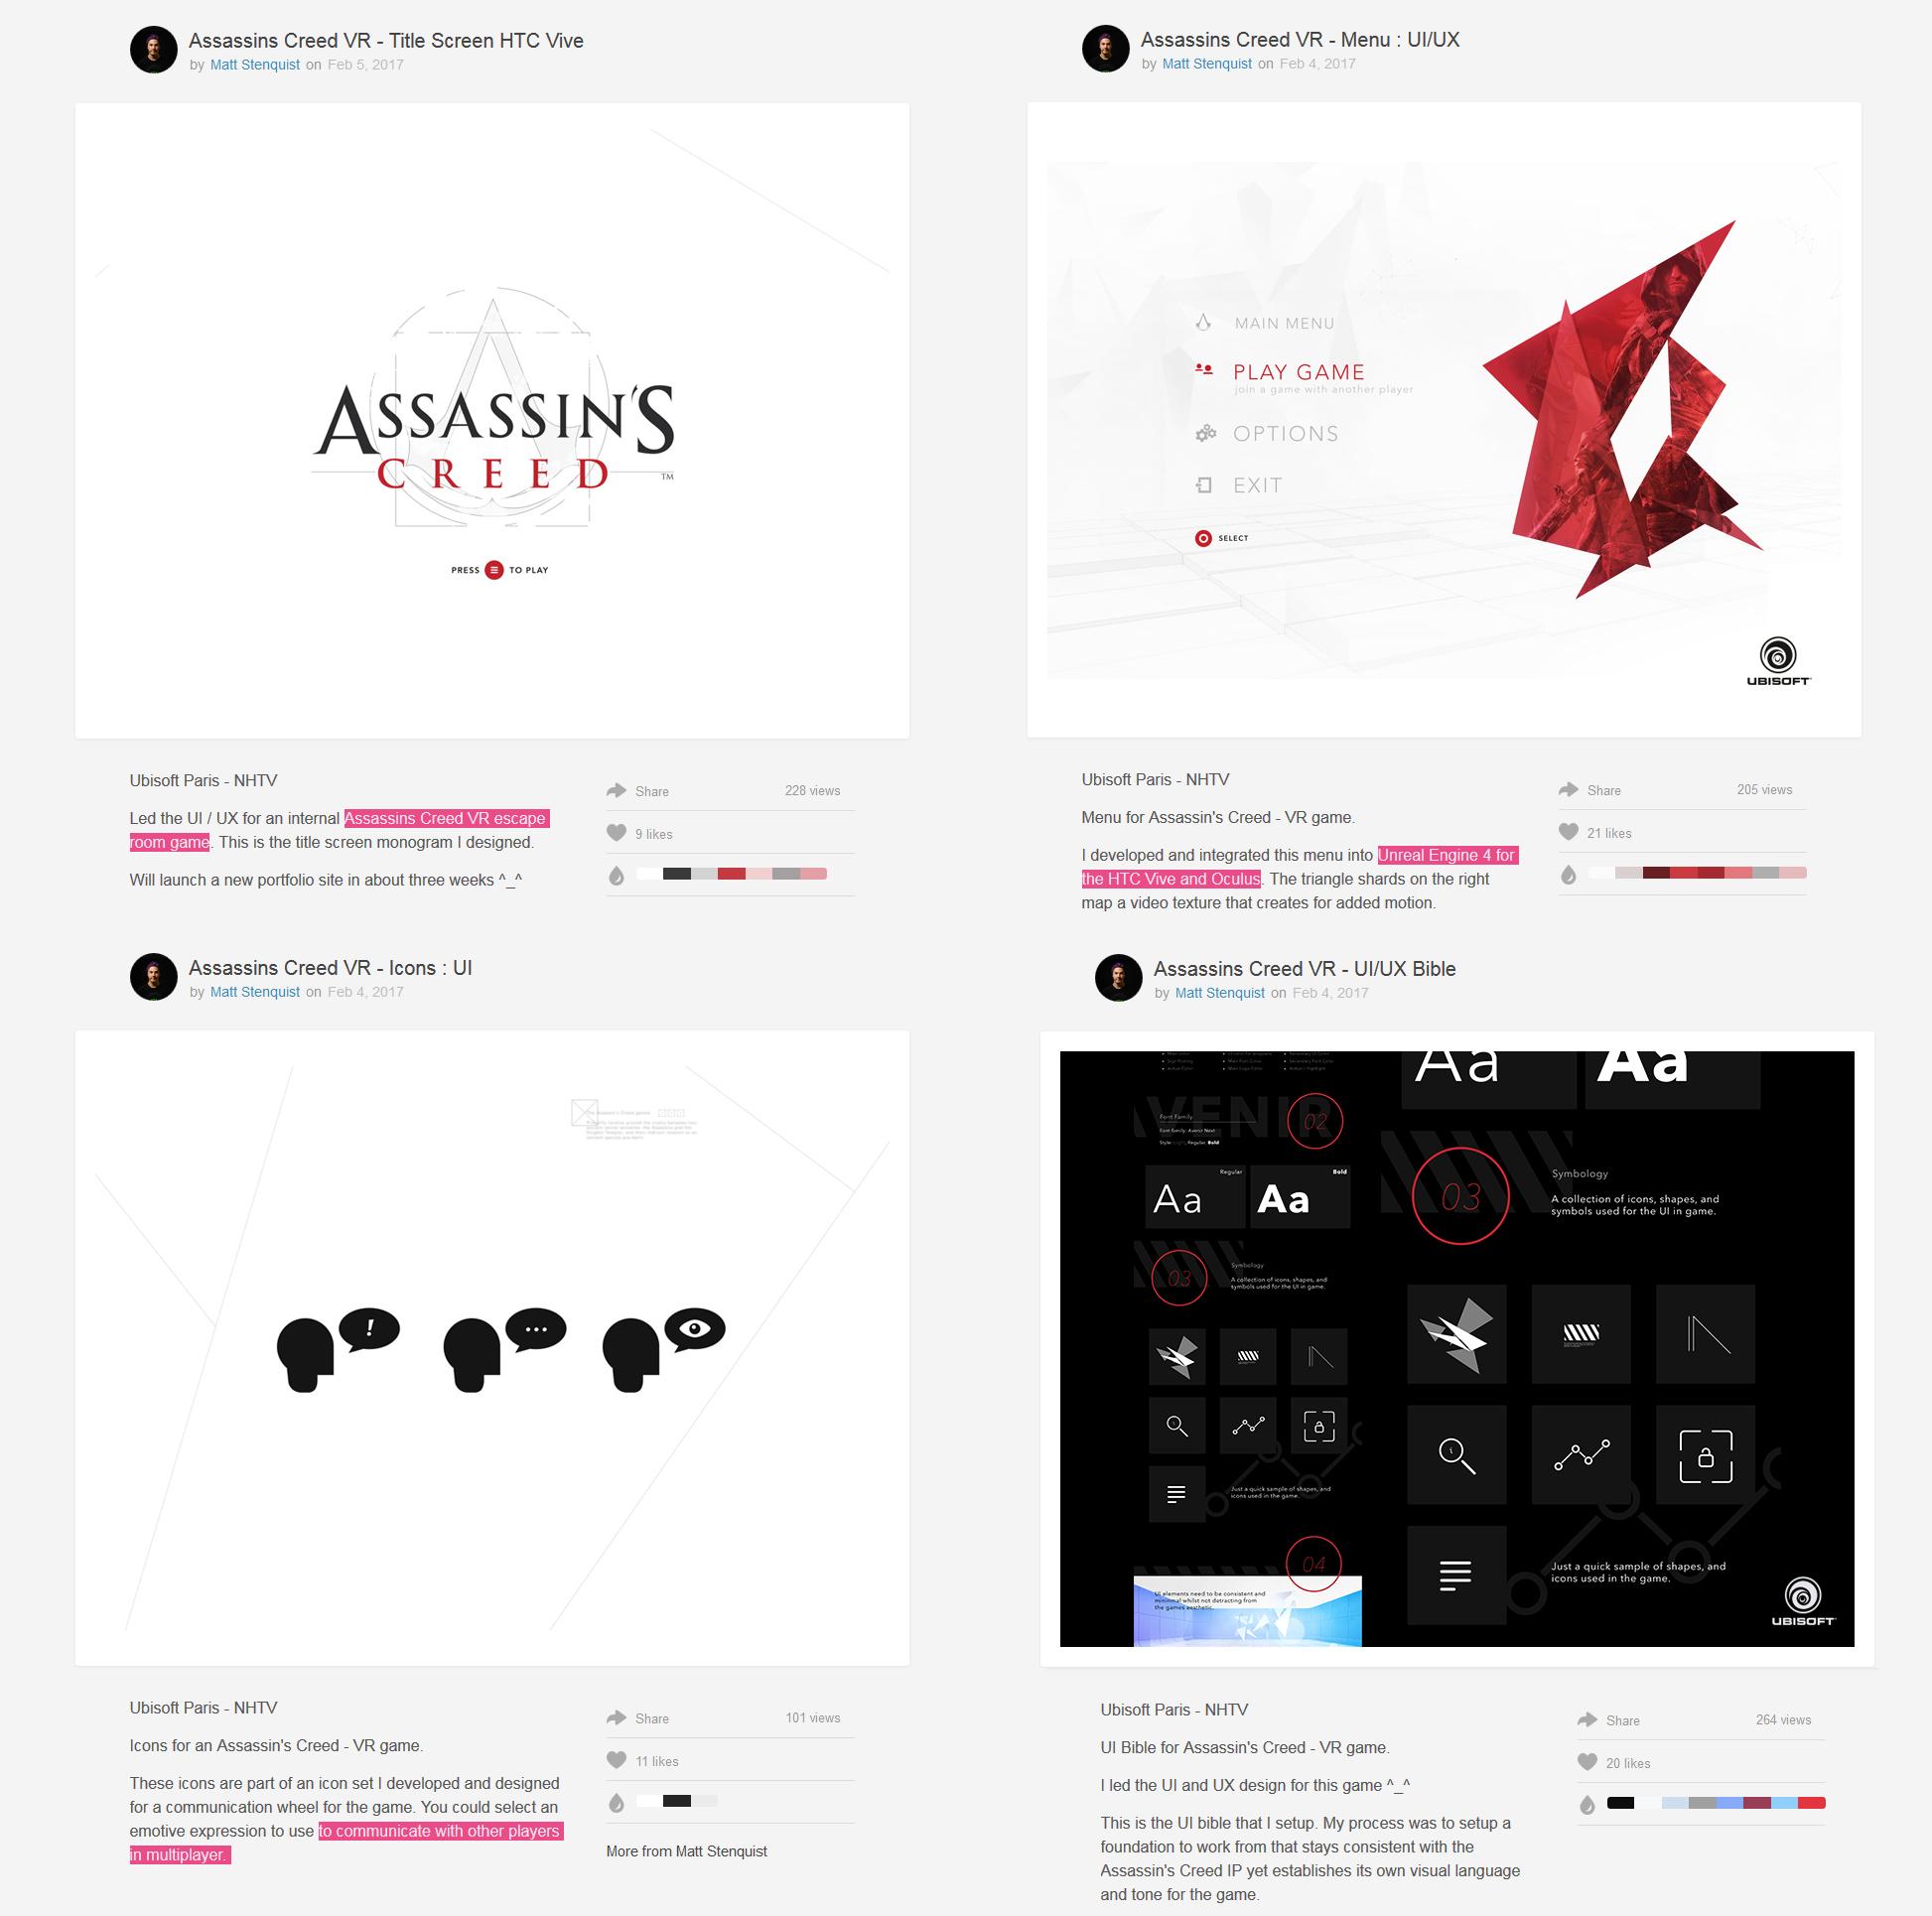 Assasssin's Creed VR